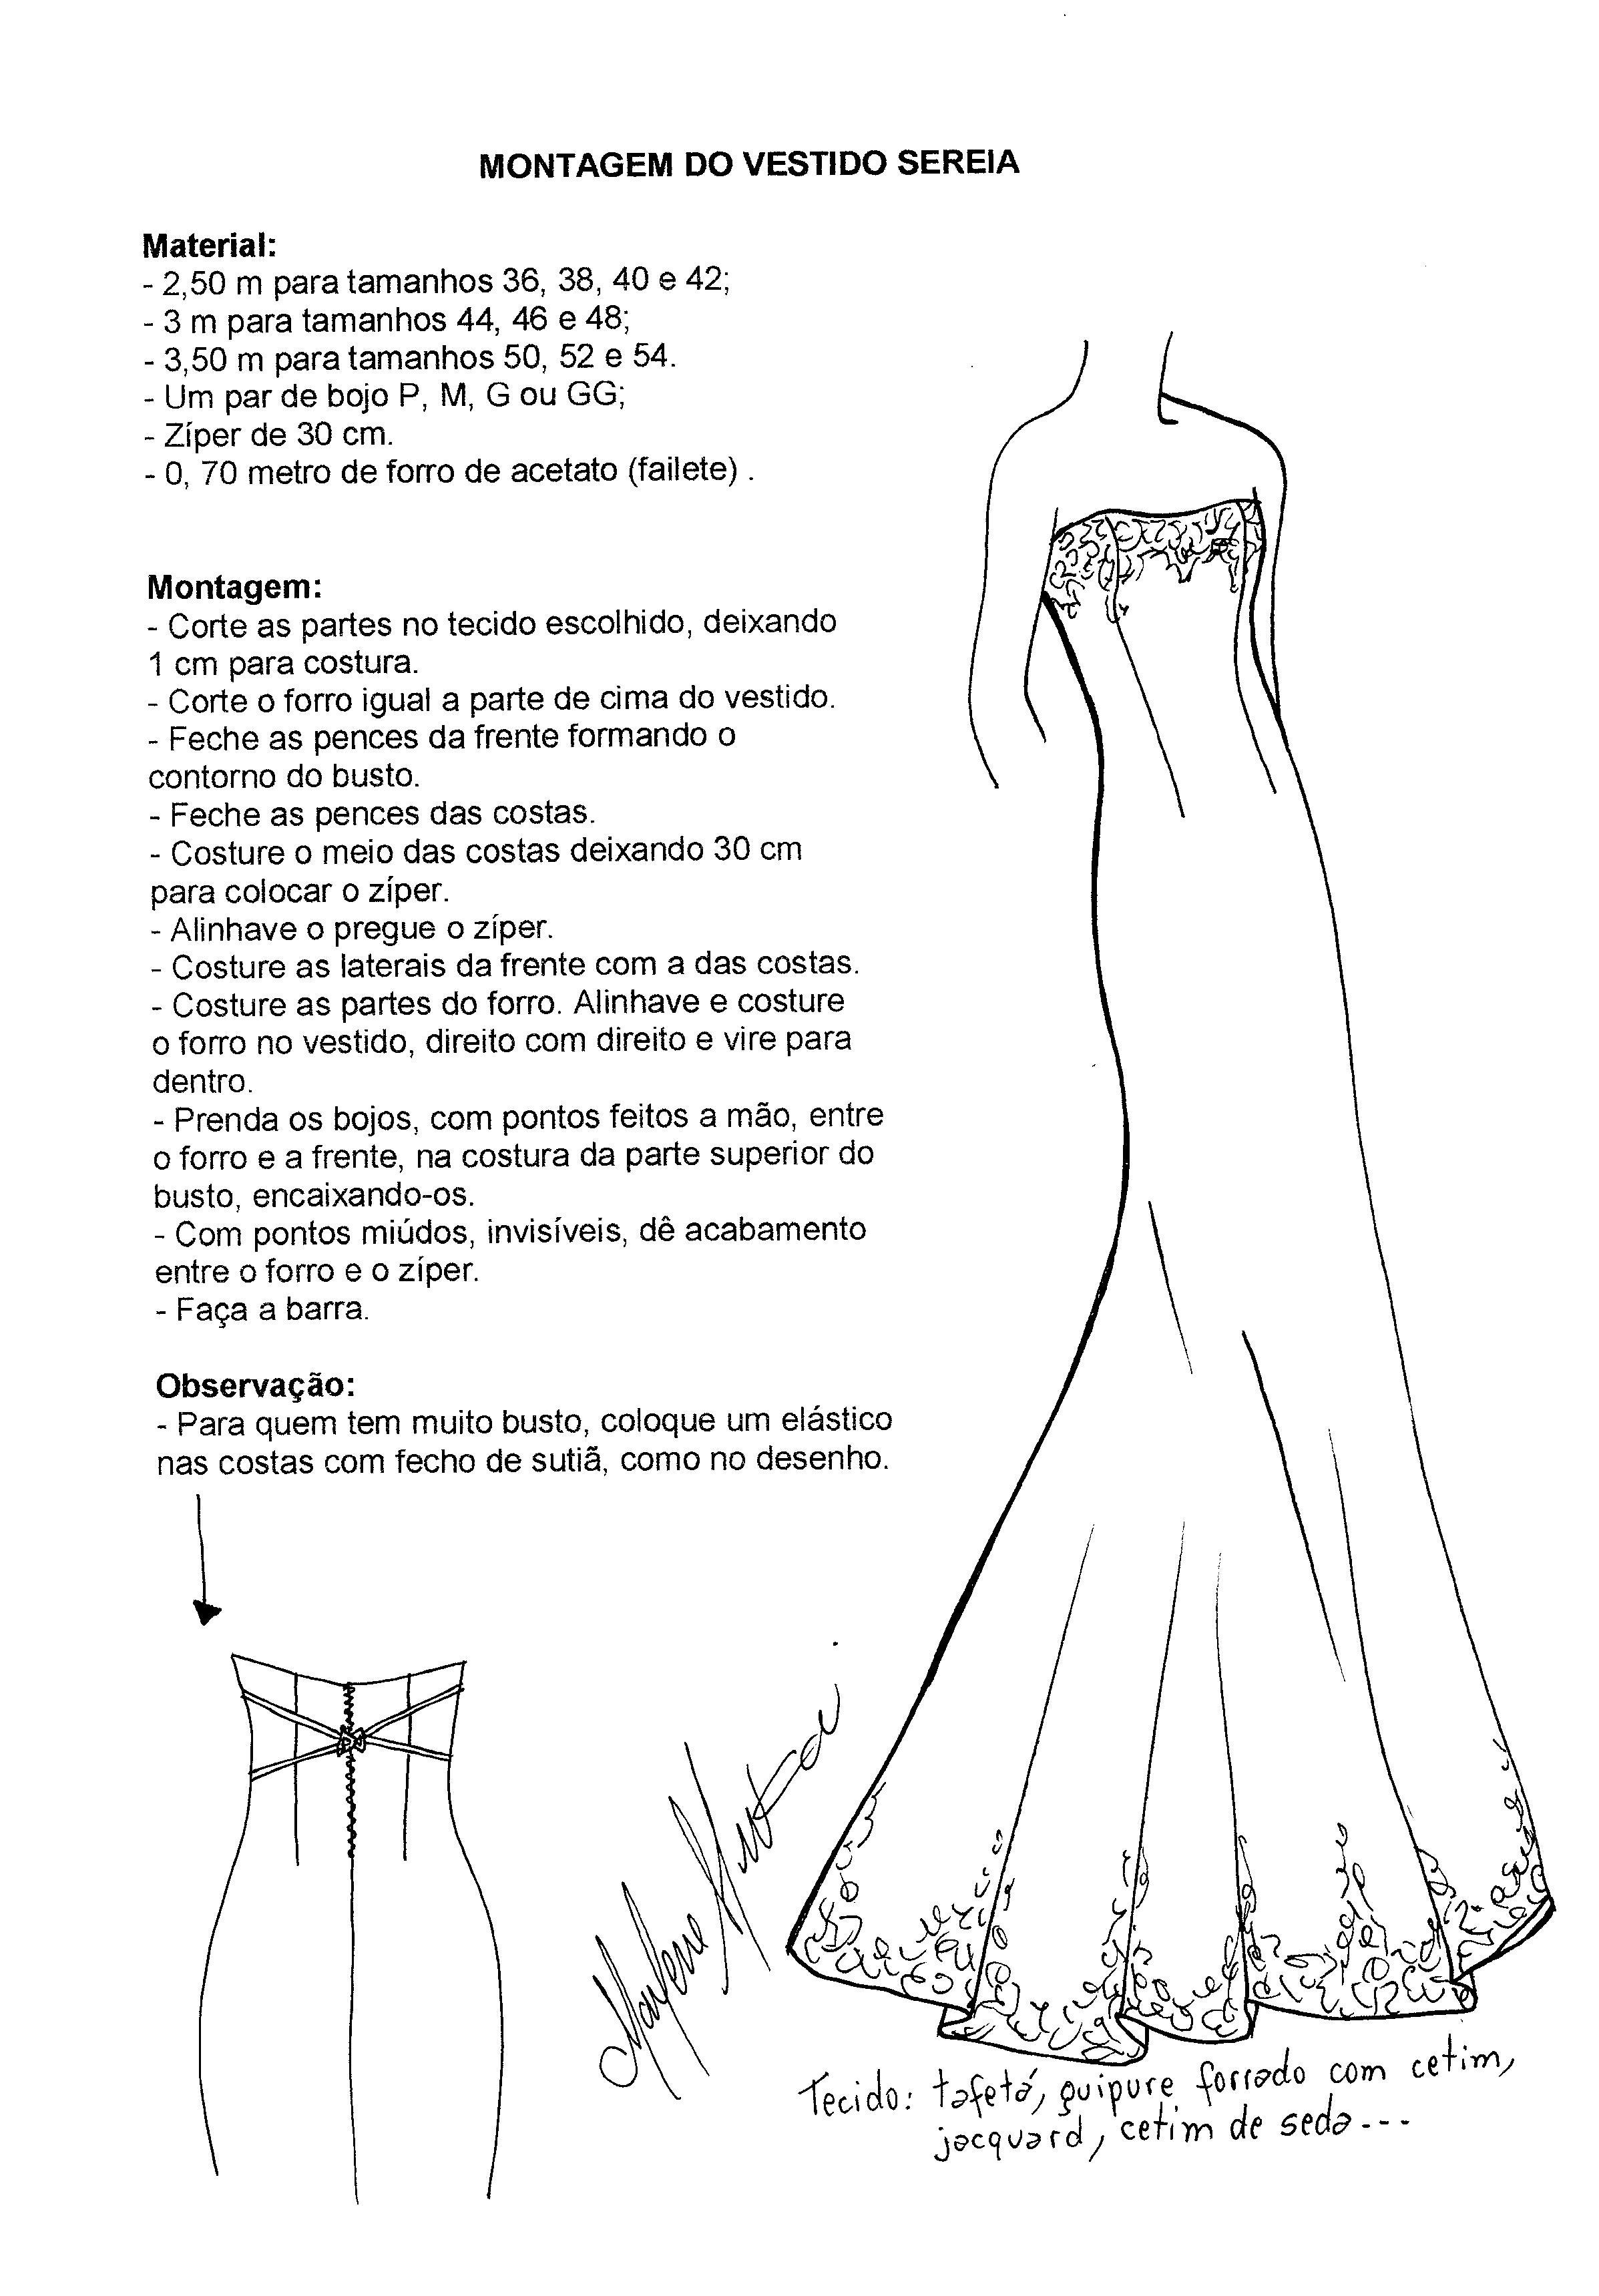 Molde para vestido de novia corte sirena